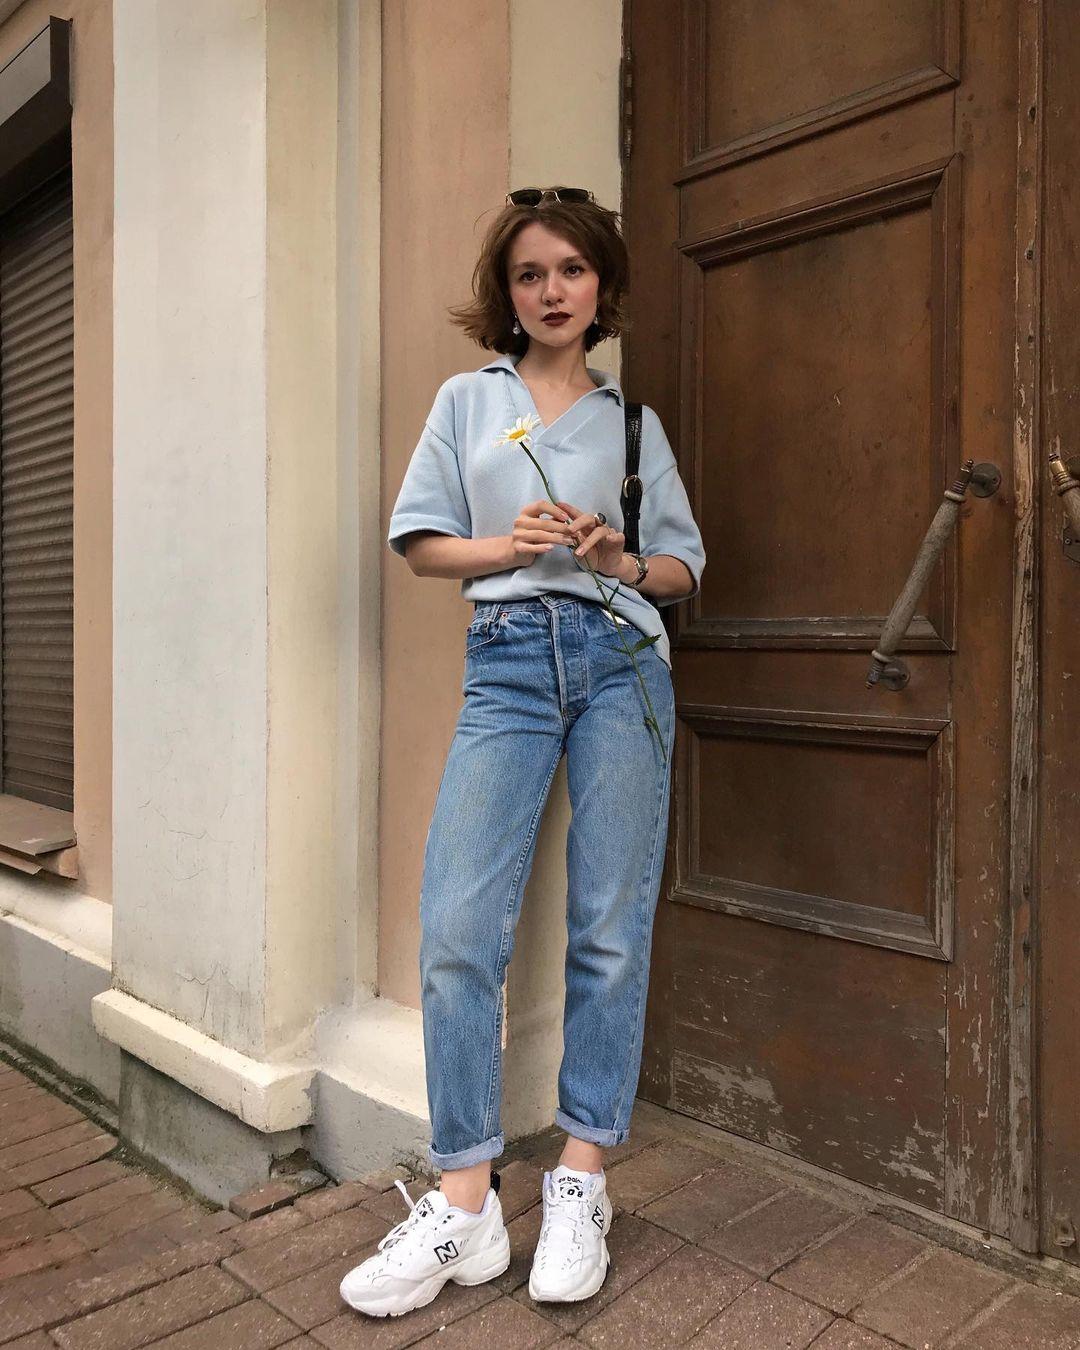 4 tips mặc đẹp tôn dáng từ cô nàng người Nga cao 1m50: Chỉ cần vài món chủ chốt là đủ cân hết các style - Ảnh 5